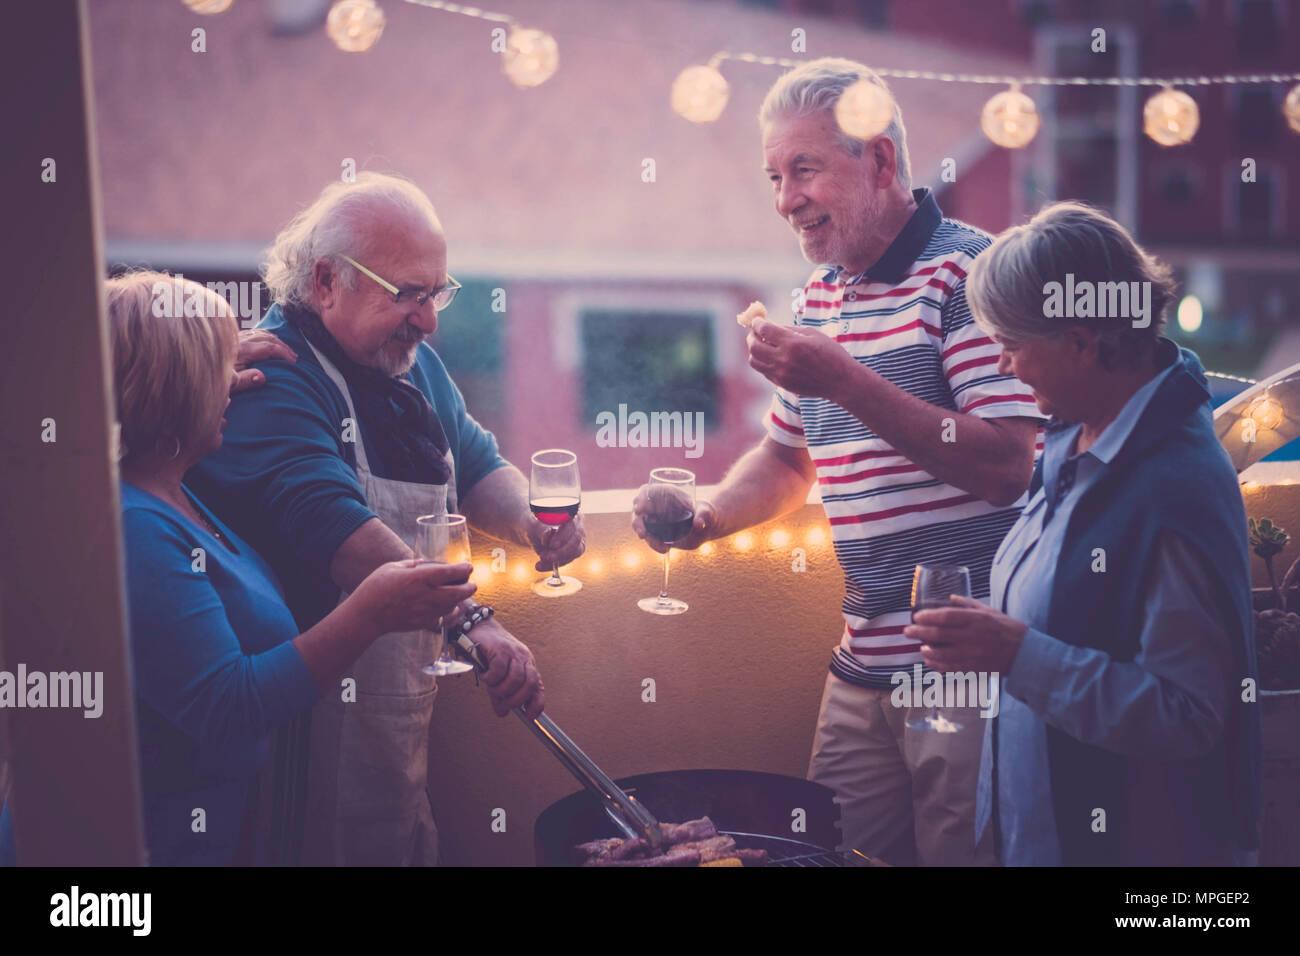 Barbacoa barbacoa y un poco de vino para celebrar un evento. grupo de personas adultas disfrutan el estilo de vida al aire libre en la terraza con vista a la ciudad. comer comida y beben vino Imagen De Stock